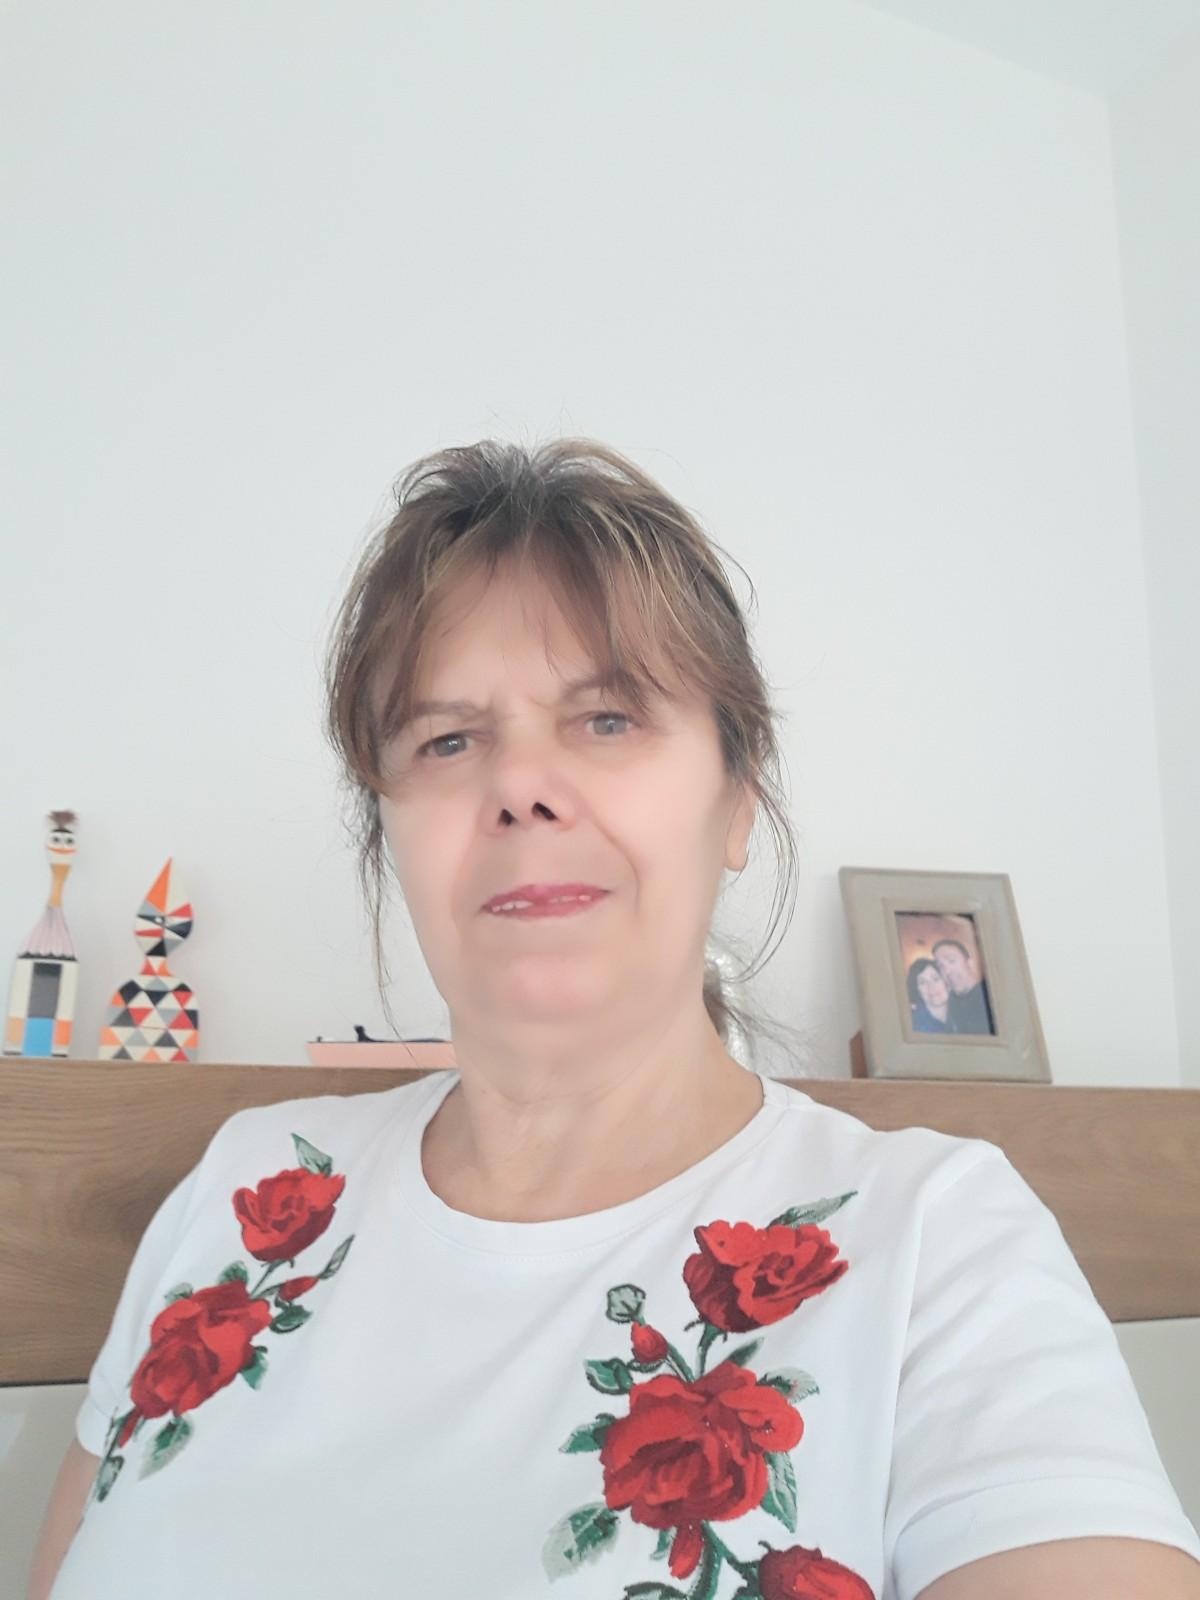 Cauta i femeie 60